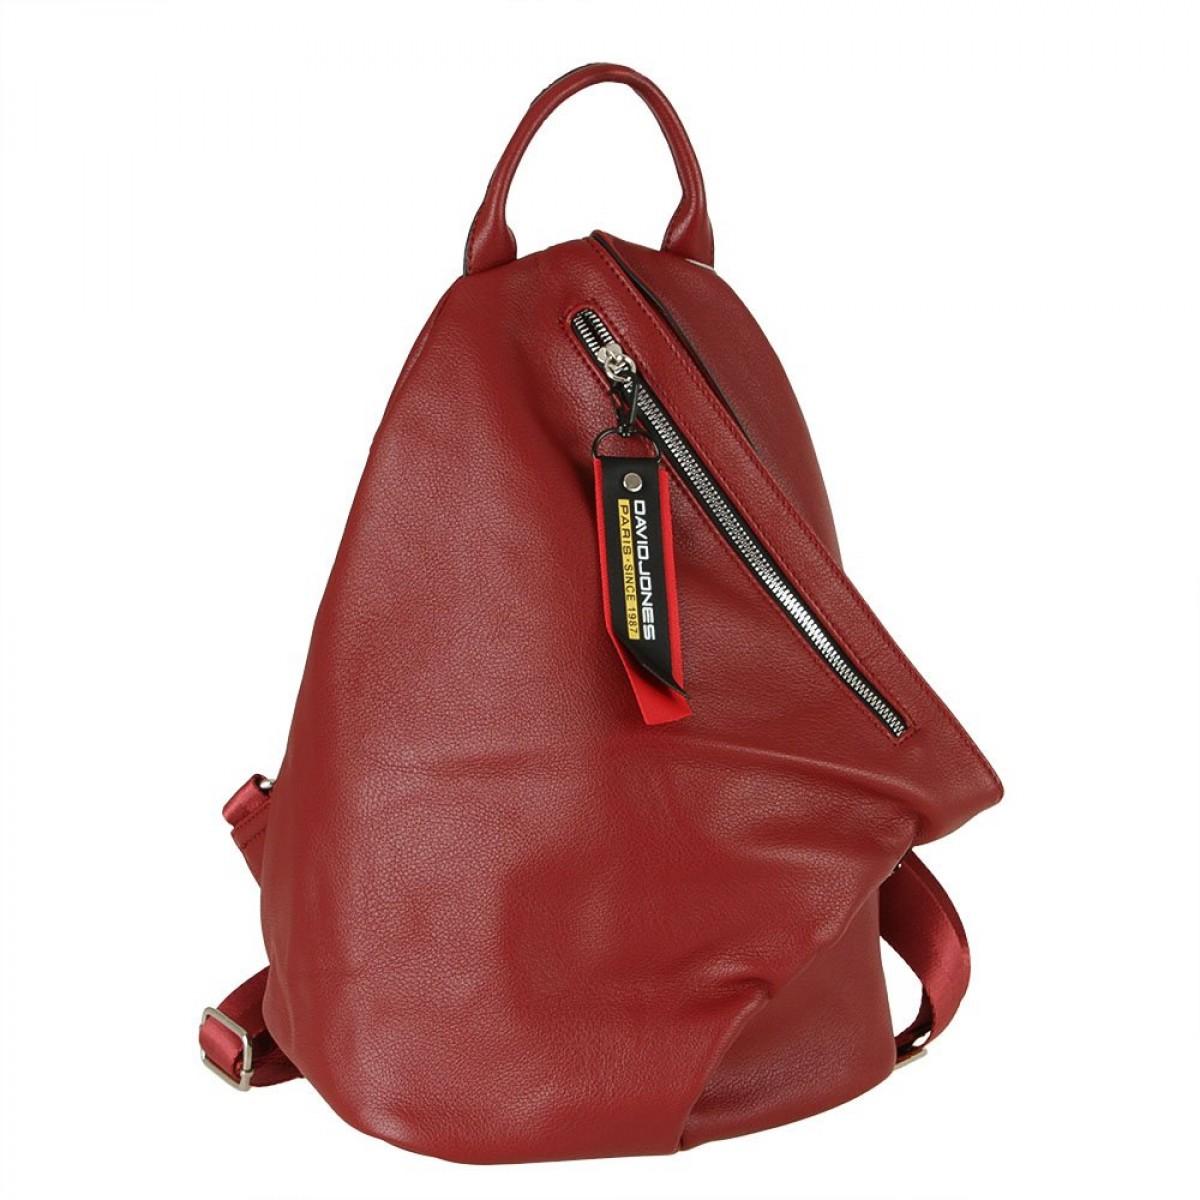 Жіночий рюкзак David Jones CM5888 DARK RED